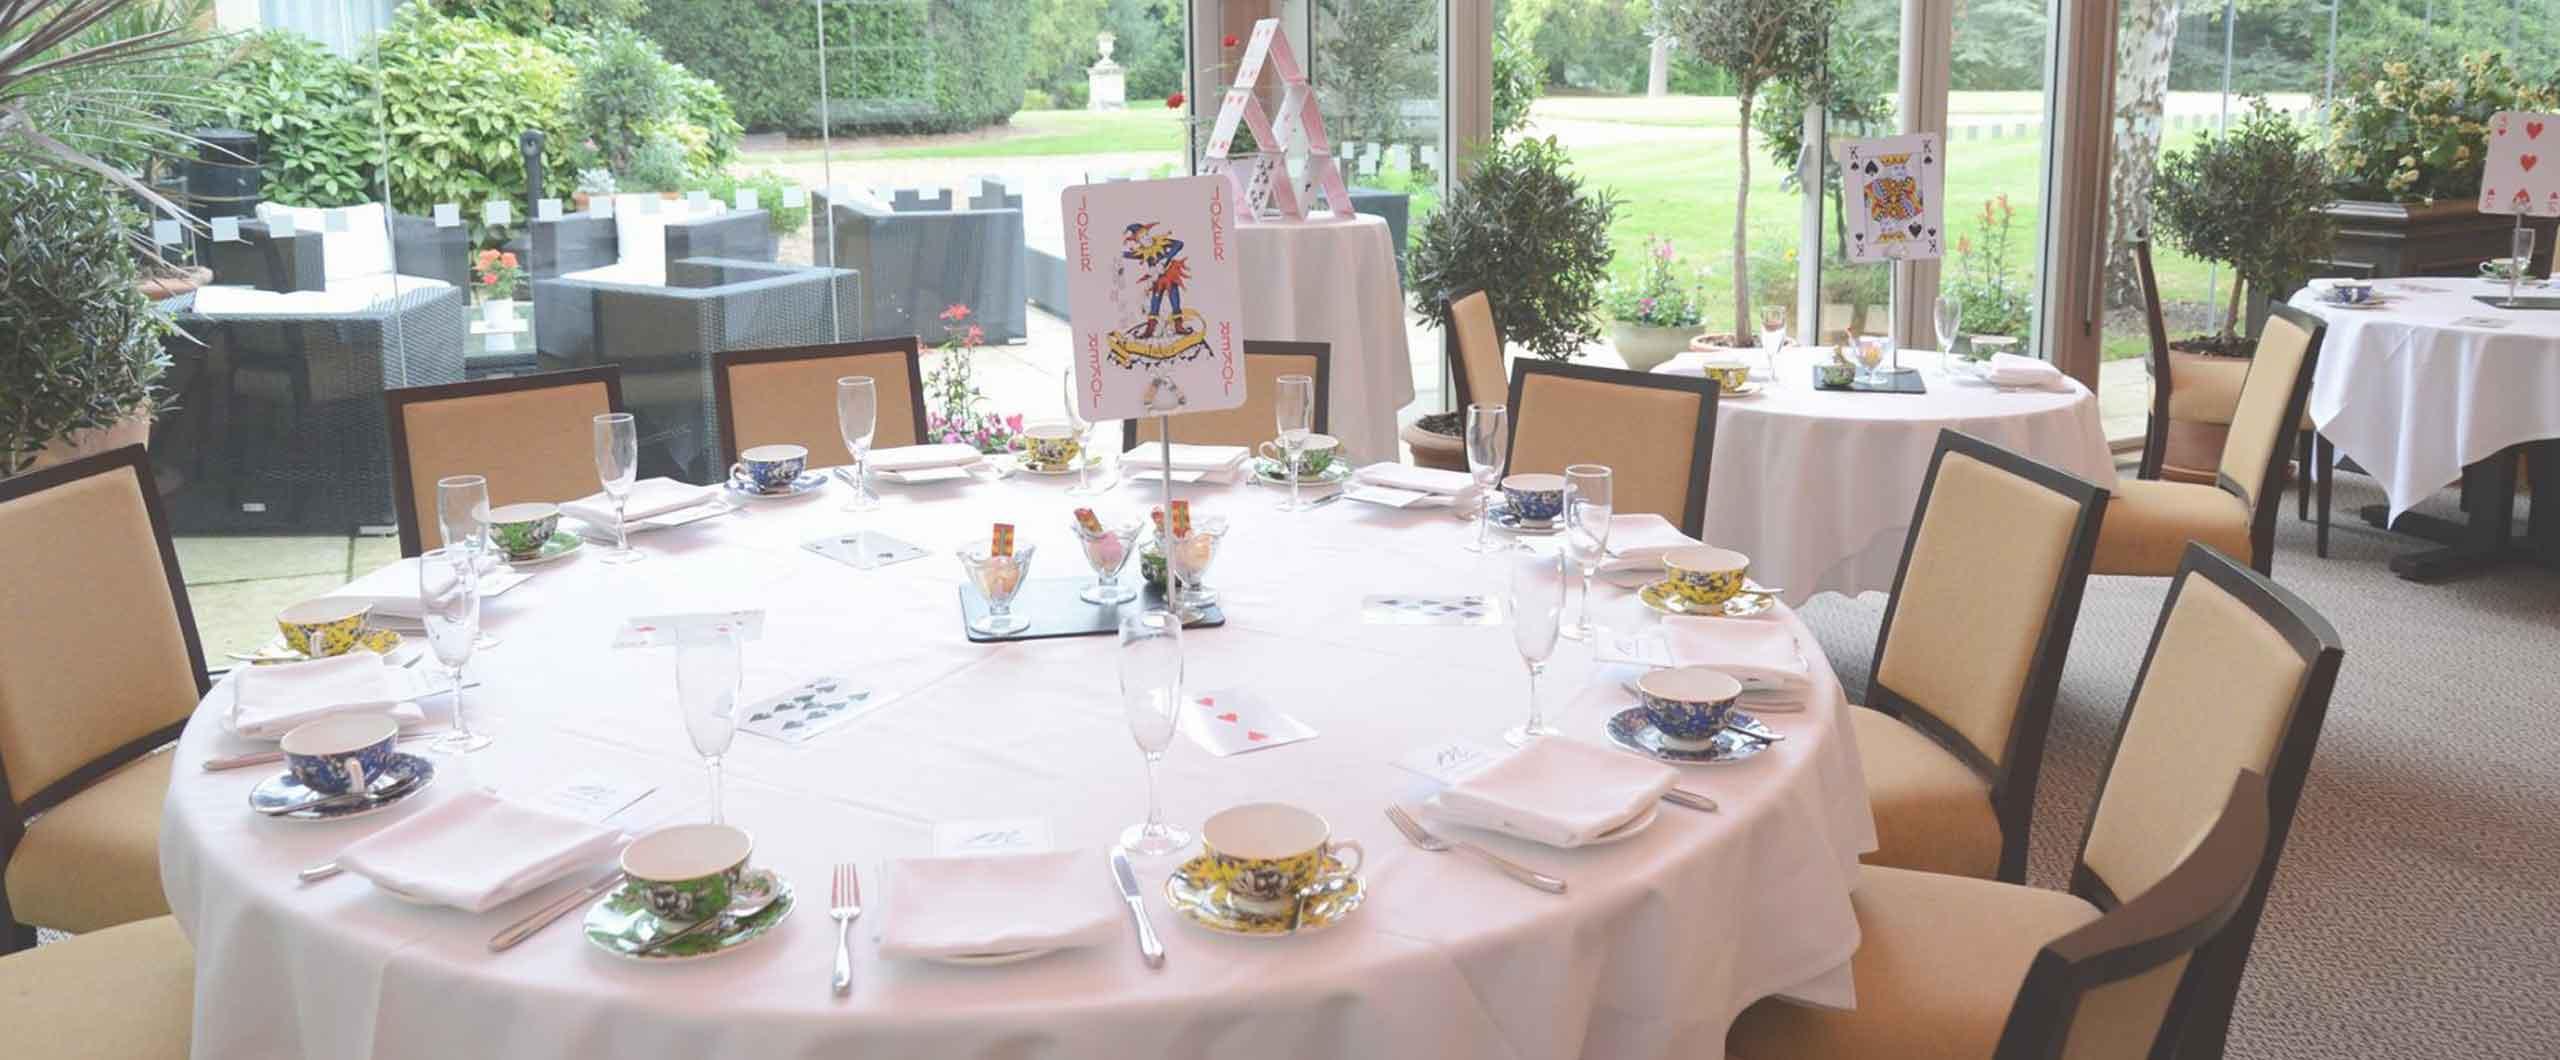 Party venue Surrey